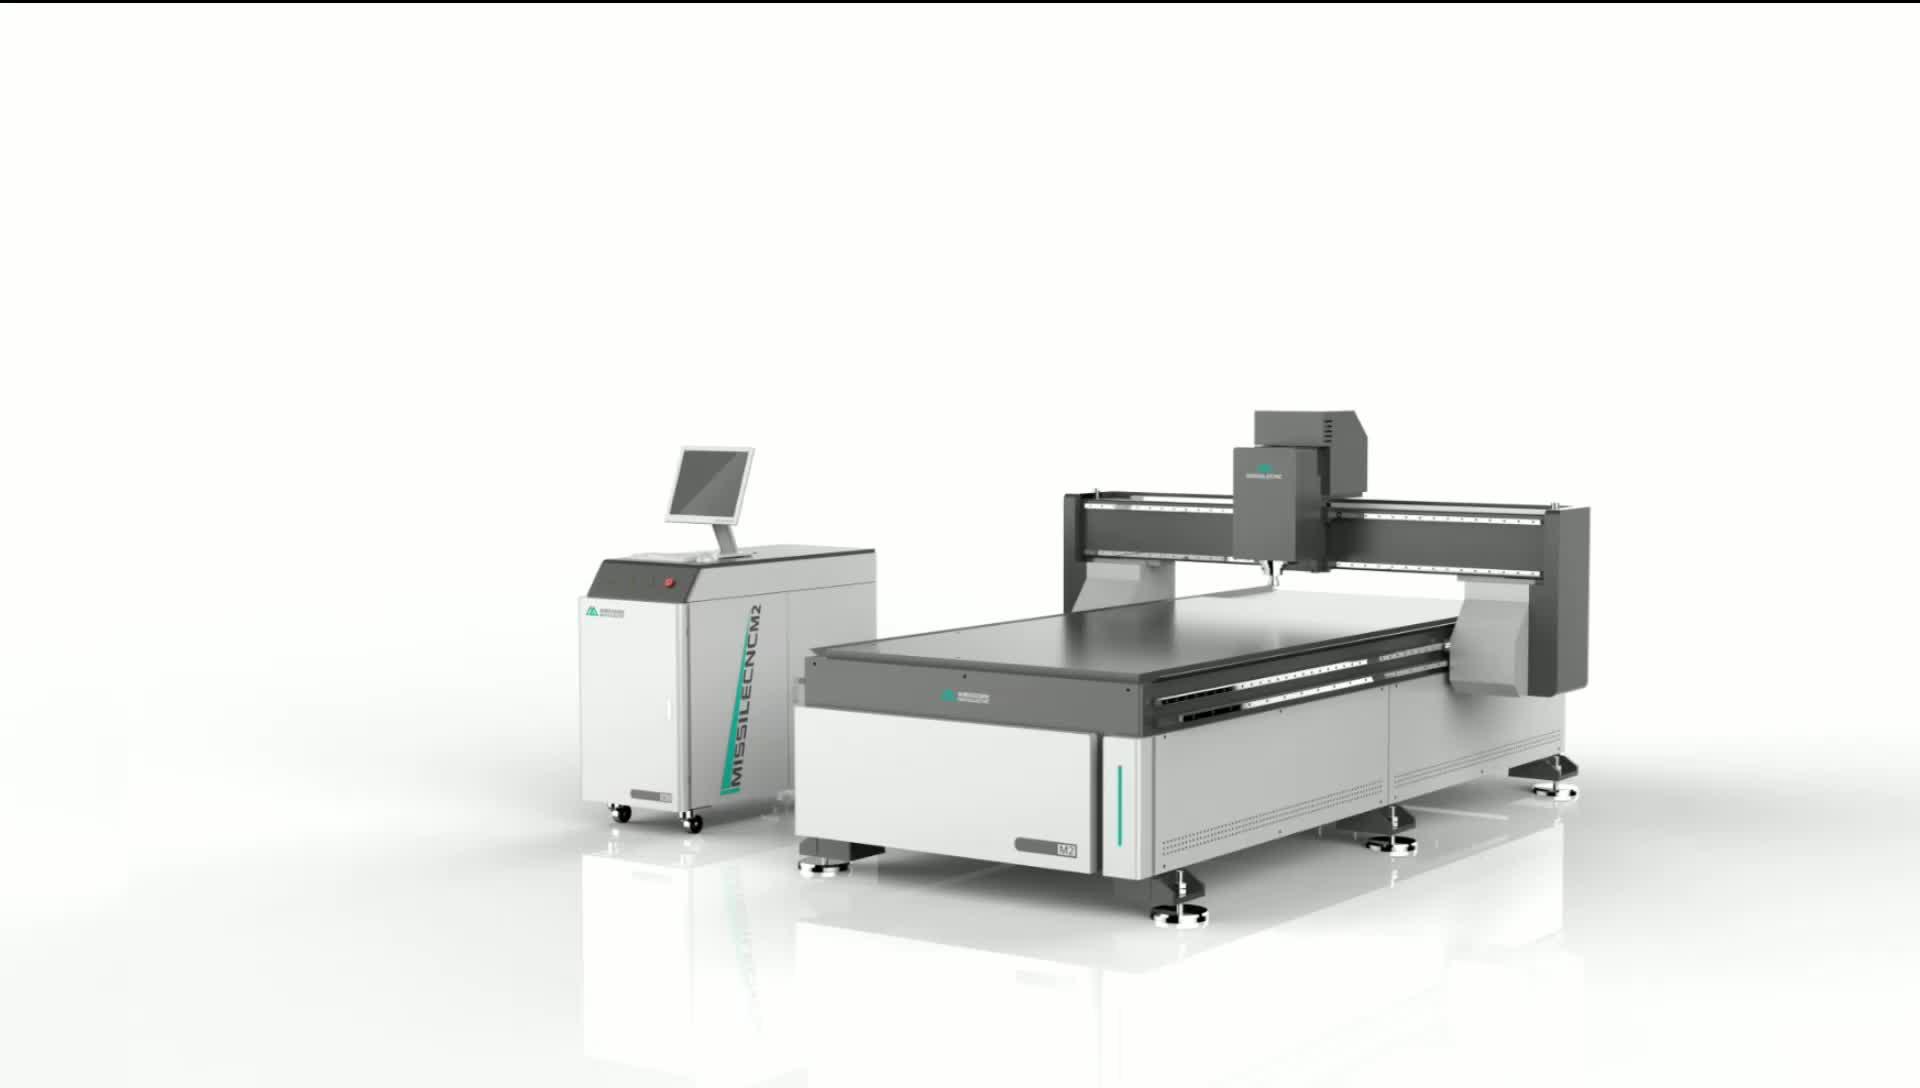 2019 ใหม่รุ่น M2 สำหรับตัดอะคริลิคขัดเงาผลลัพธ์ Adverting ไม้ CNC Router Machine